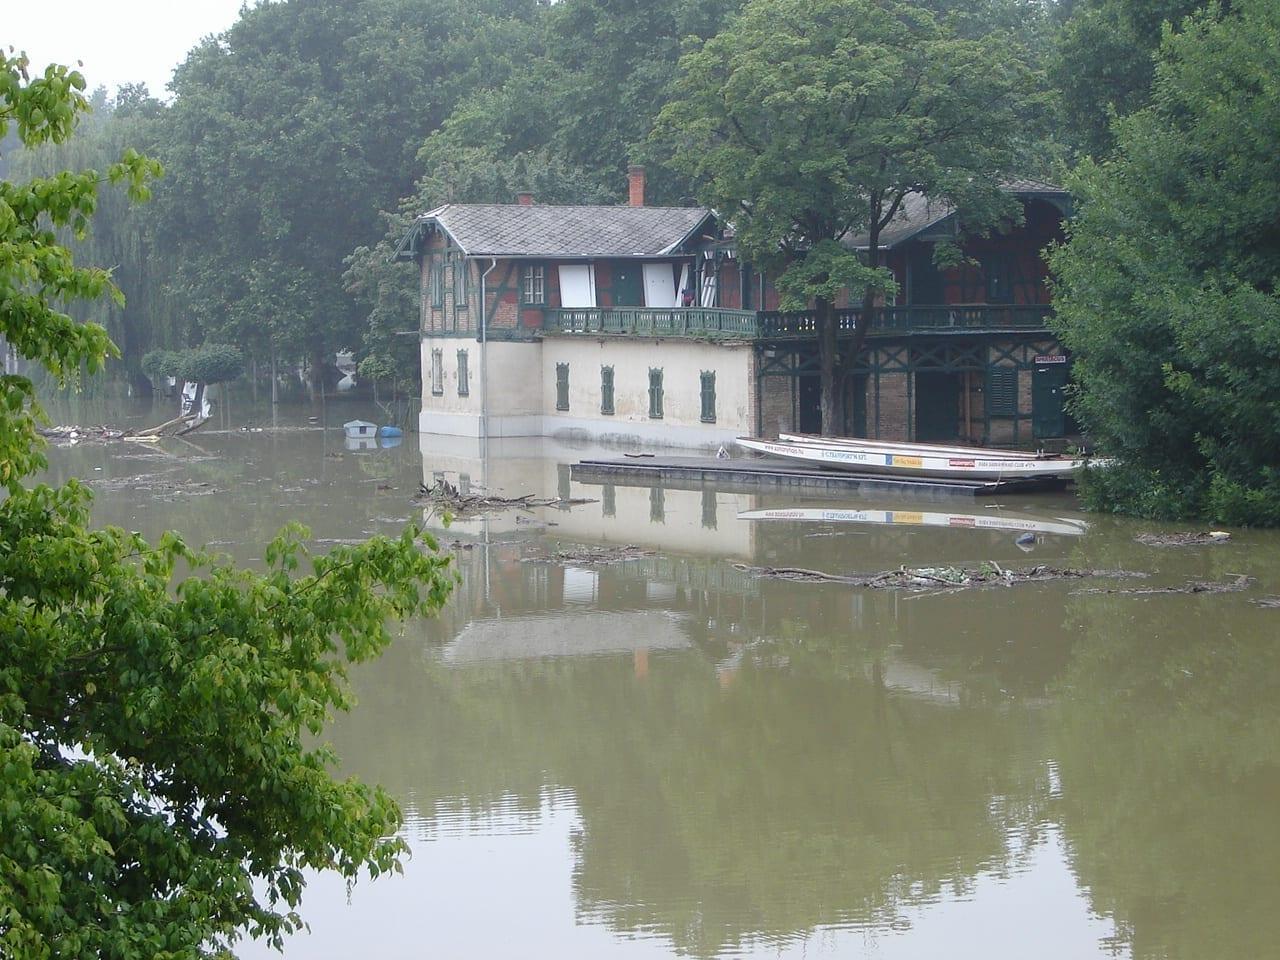 Casa de botes Gyor Hungría